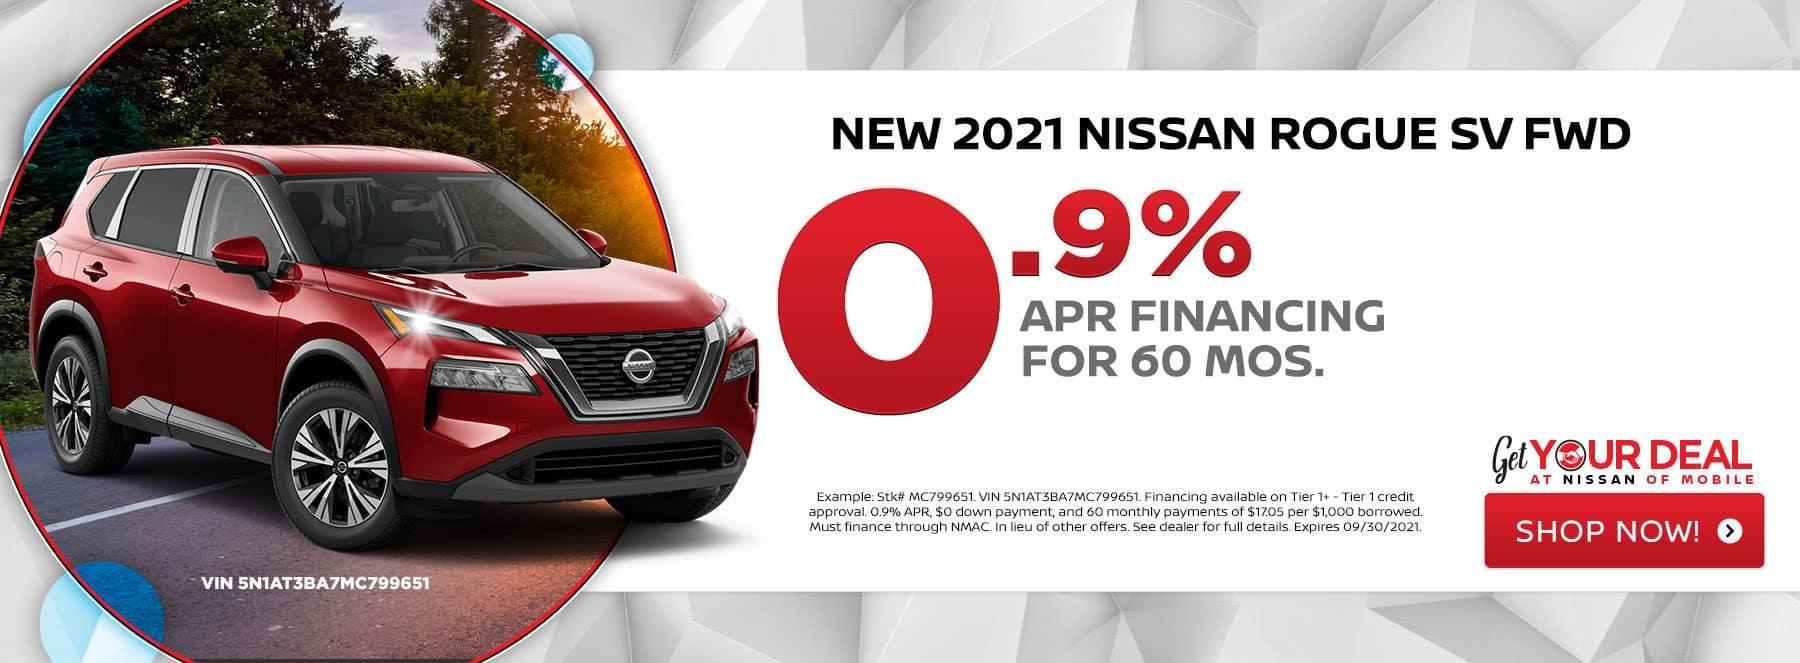 NissanMobile_1800x663_RogueSV_0APR_0921